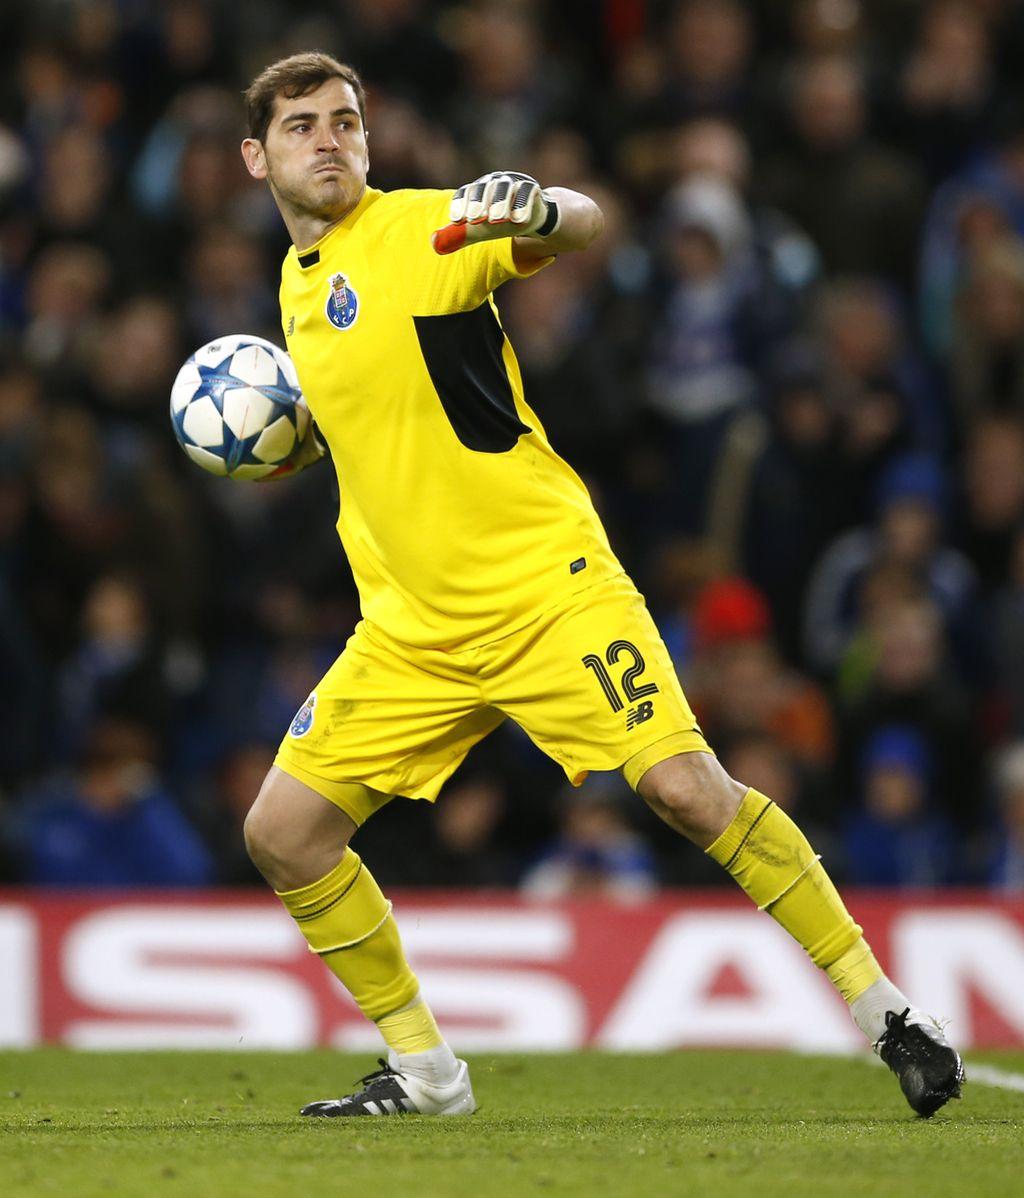 Iker Casillas,Oporto